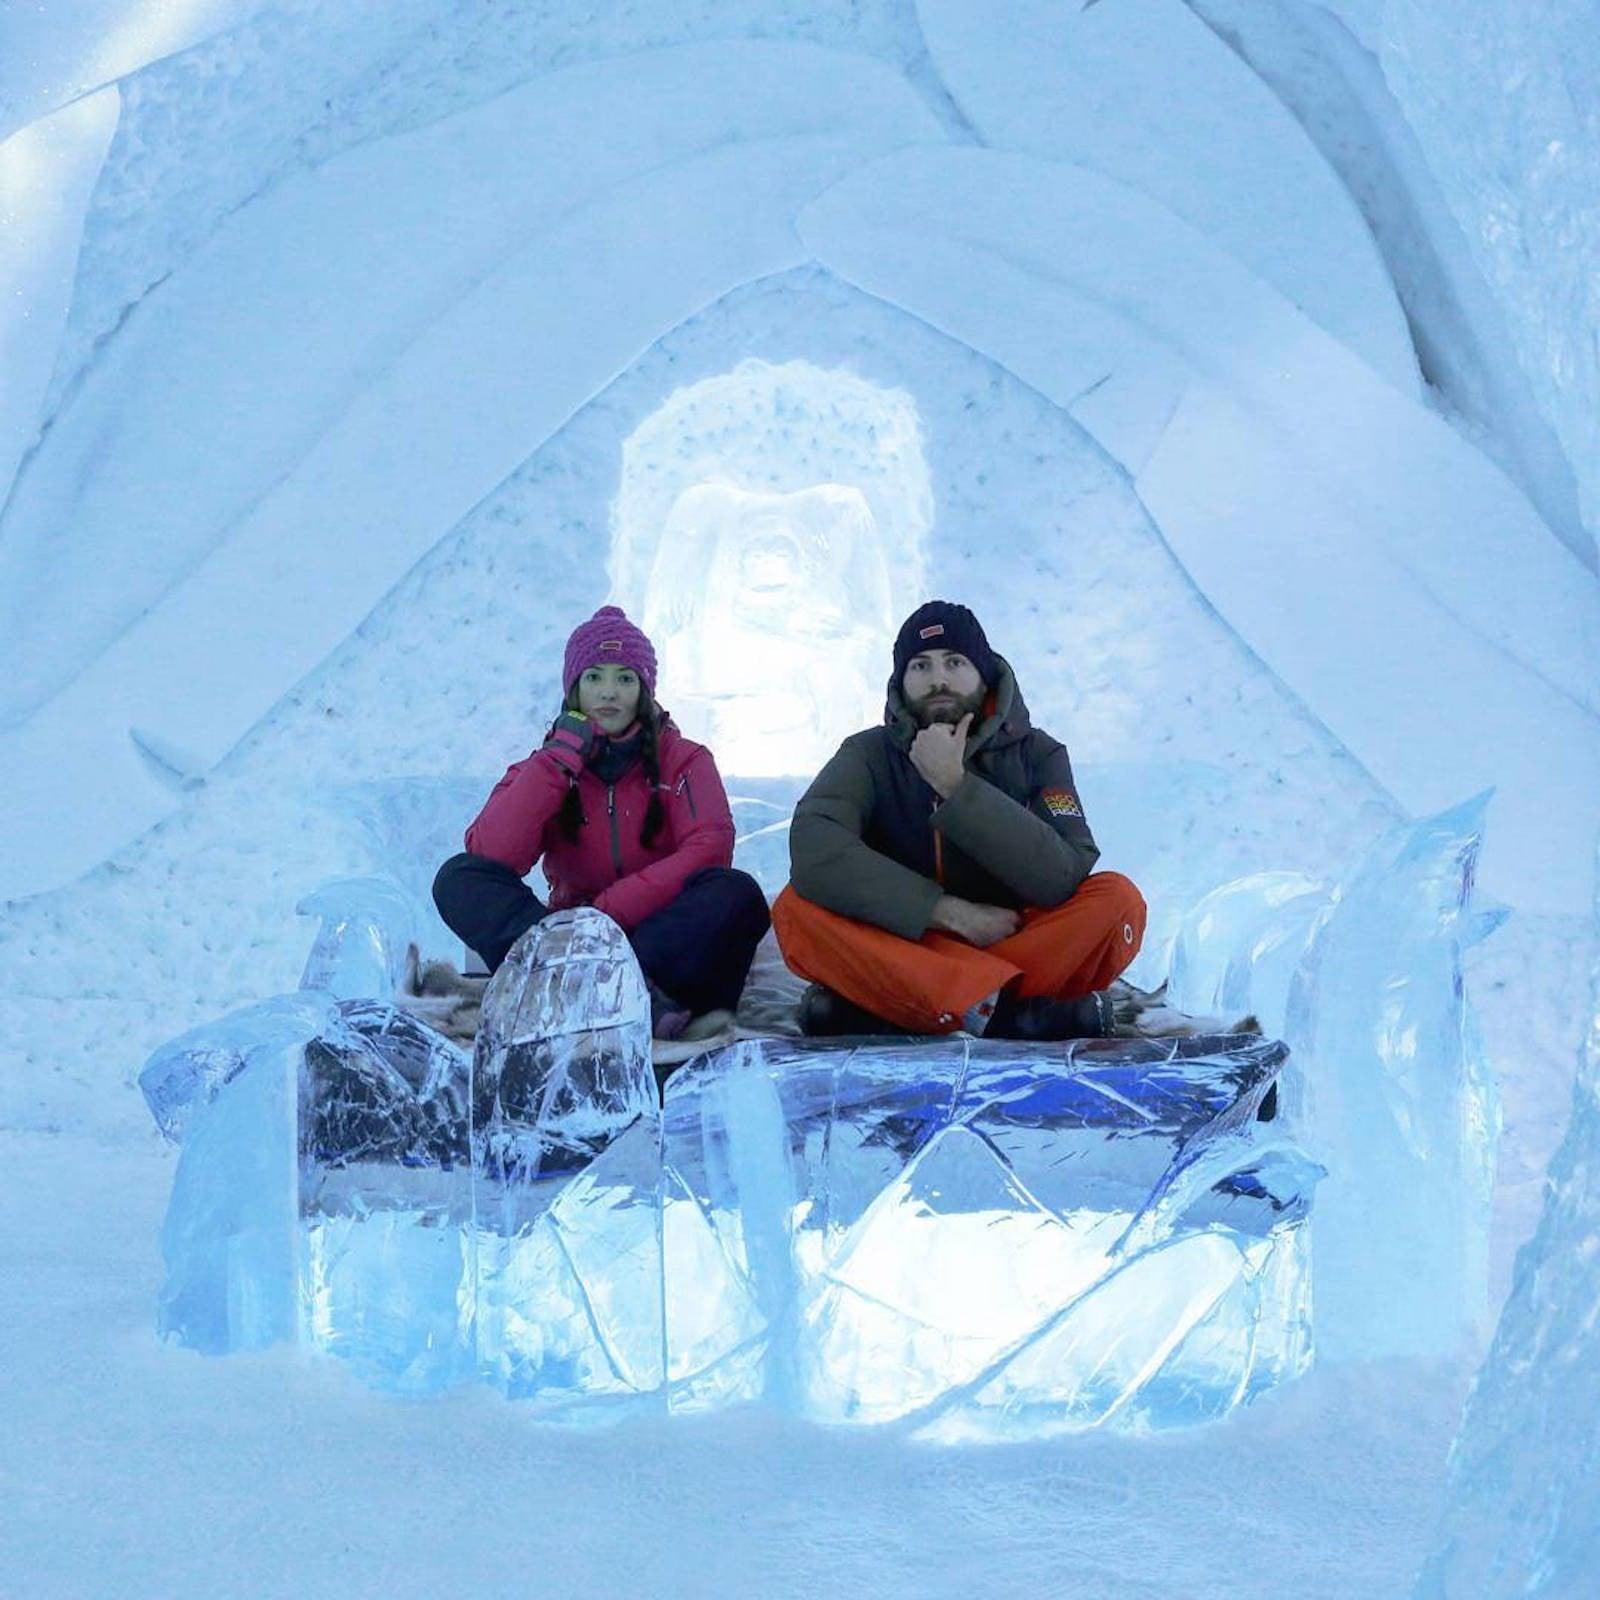 Ice Hotel in Sweden | POPSUGAR Smart Living